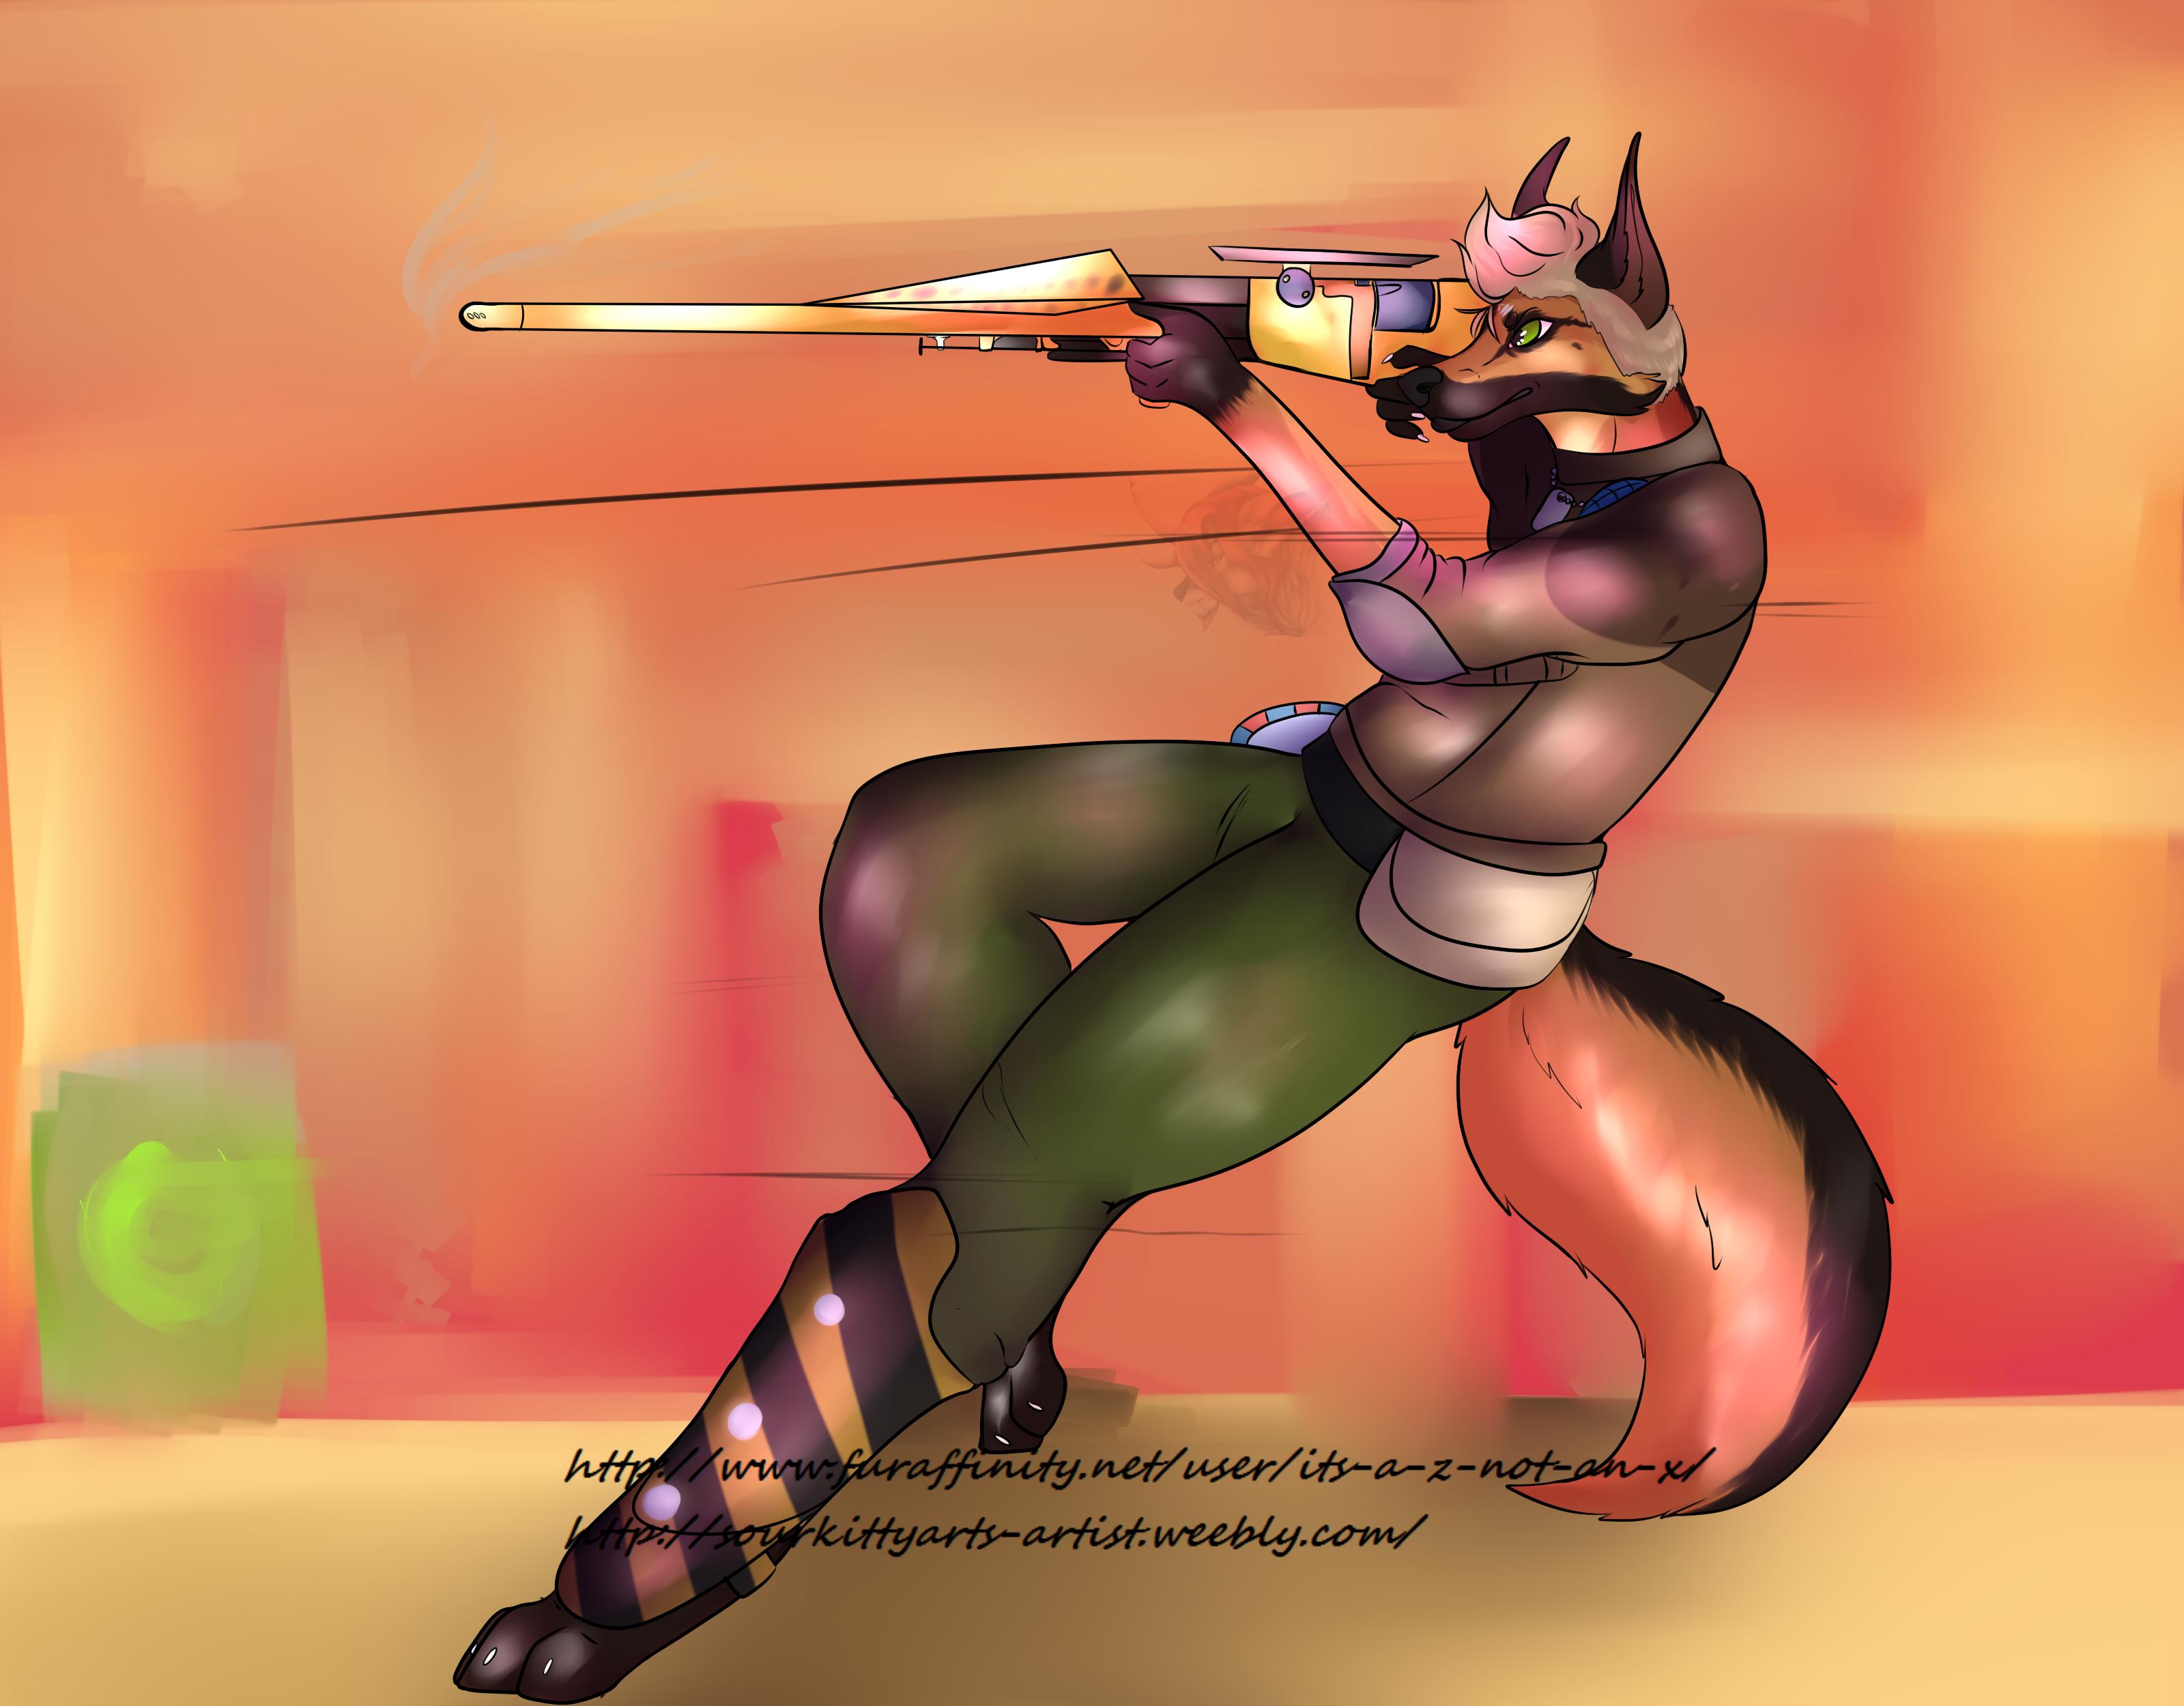 Axton as the Commando